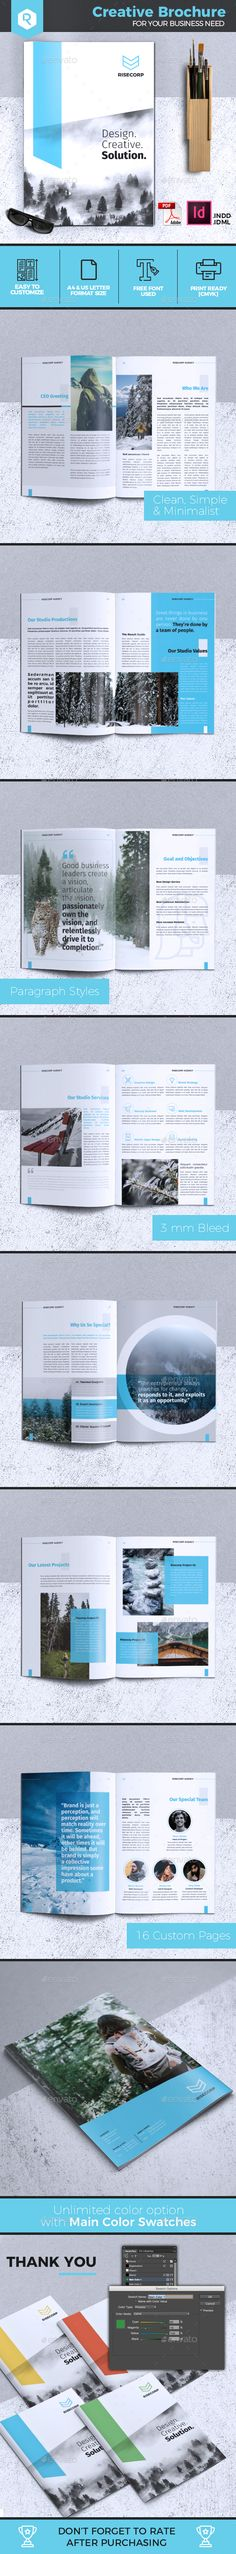 Creative Brochure Template Vol. 28 - #Corporate #Brochures Download here:  https://graphicriver.net/item/creative-brochure-template-vol-28/20324652?ref=alena994